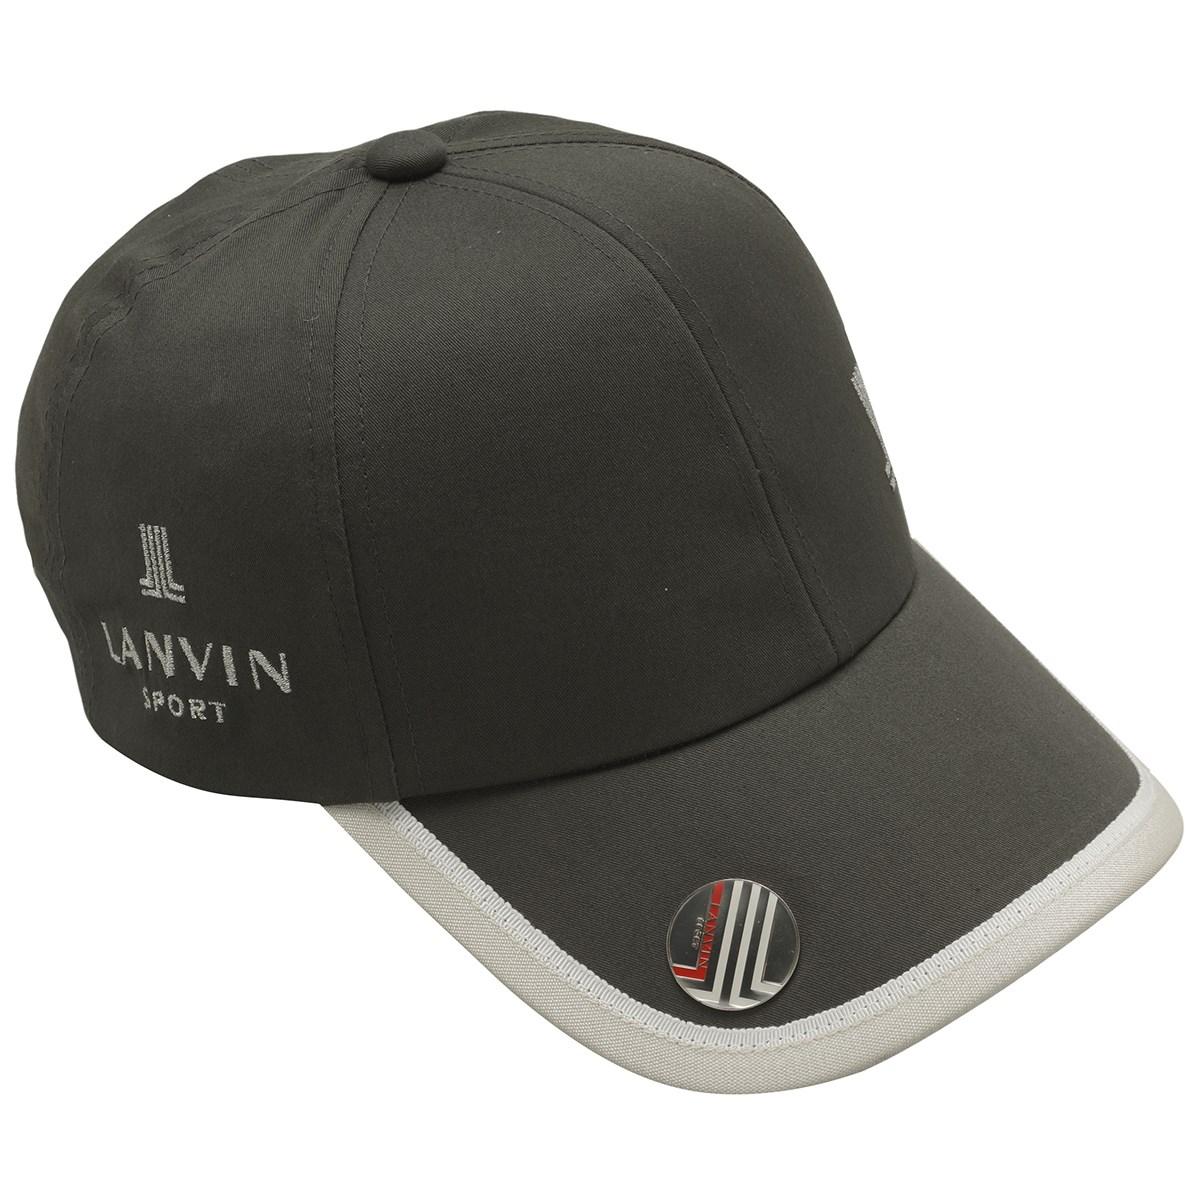 ランバン スポール LANVIN SPORT キャップ フリー グレー 03 レディス